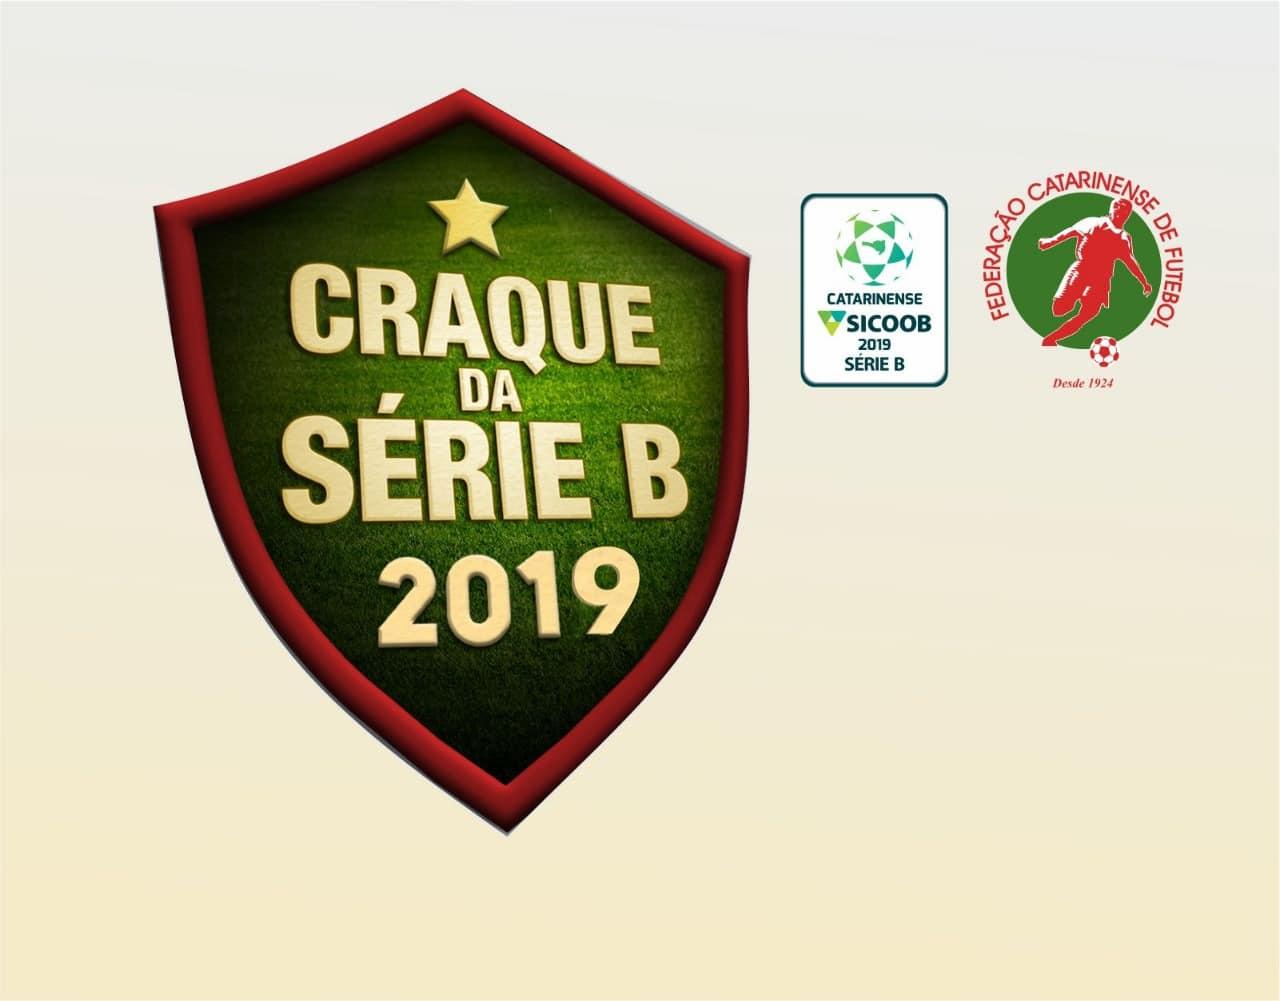 Prêmio Craque Série B 2019 acontecerá no dia 26 de agosto - Federação  Catarinense de Futebol